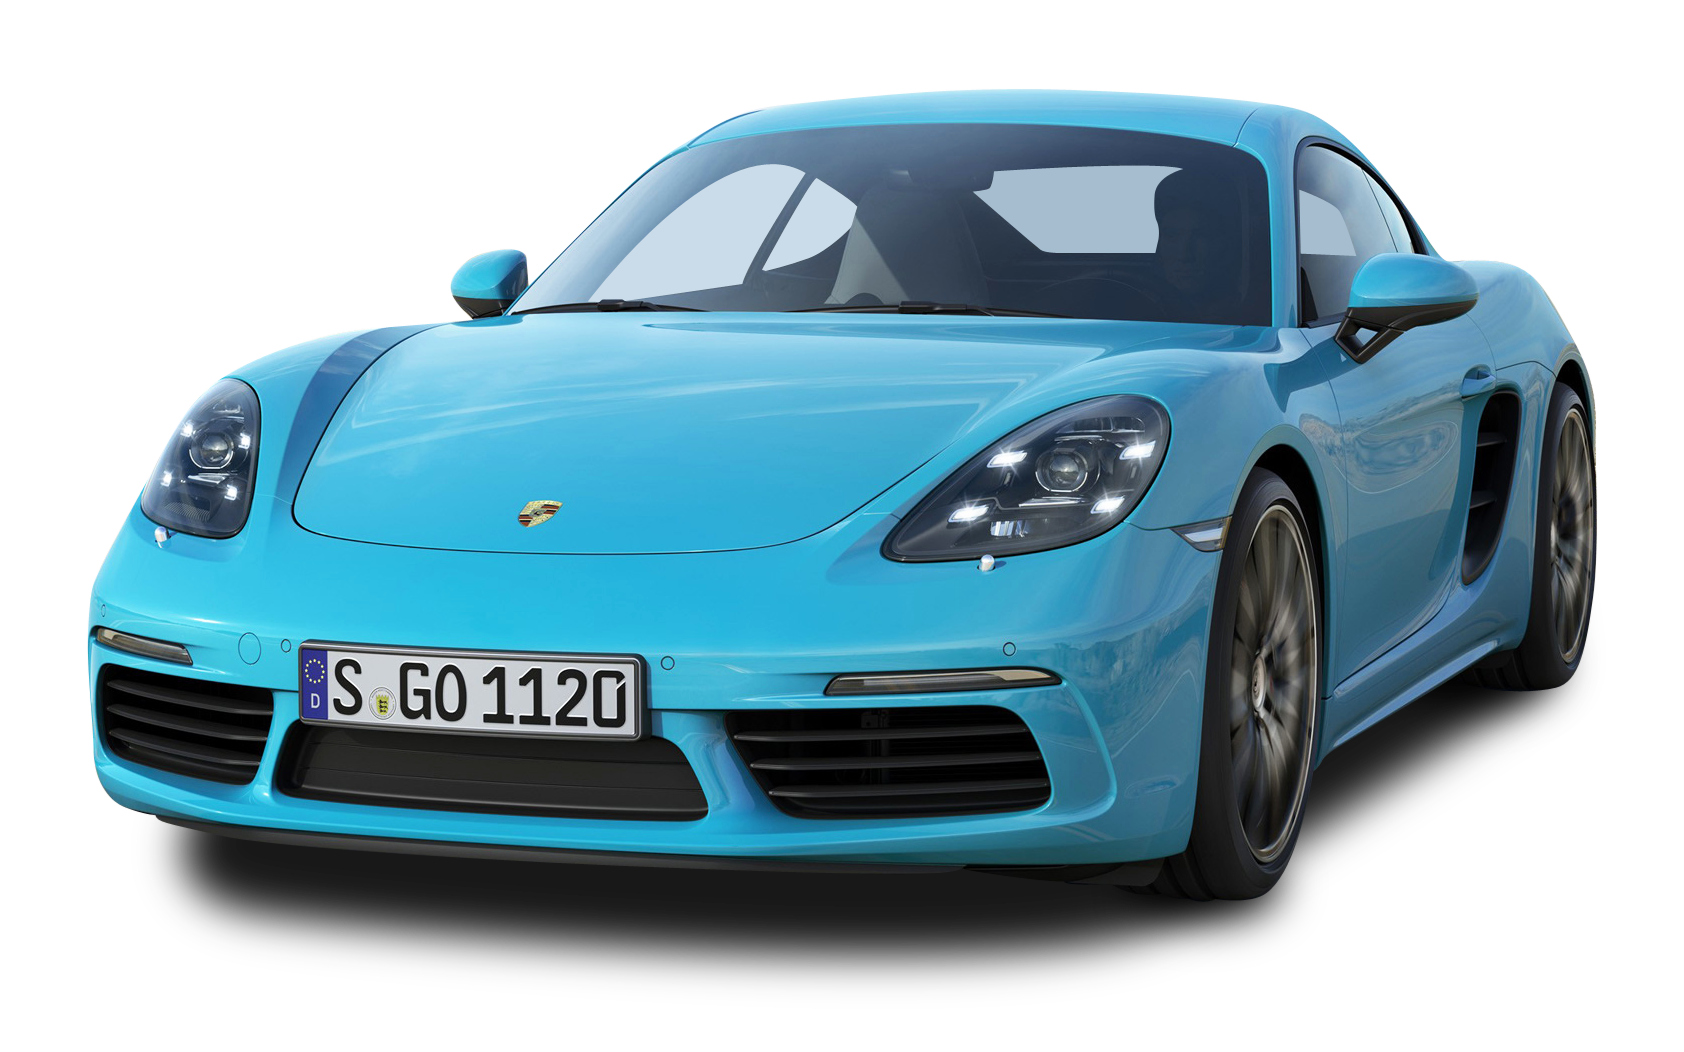 Porsche 718 Cayman S Blue Car PNG Image